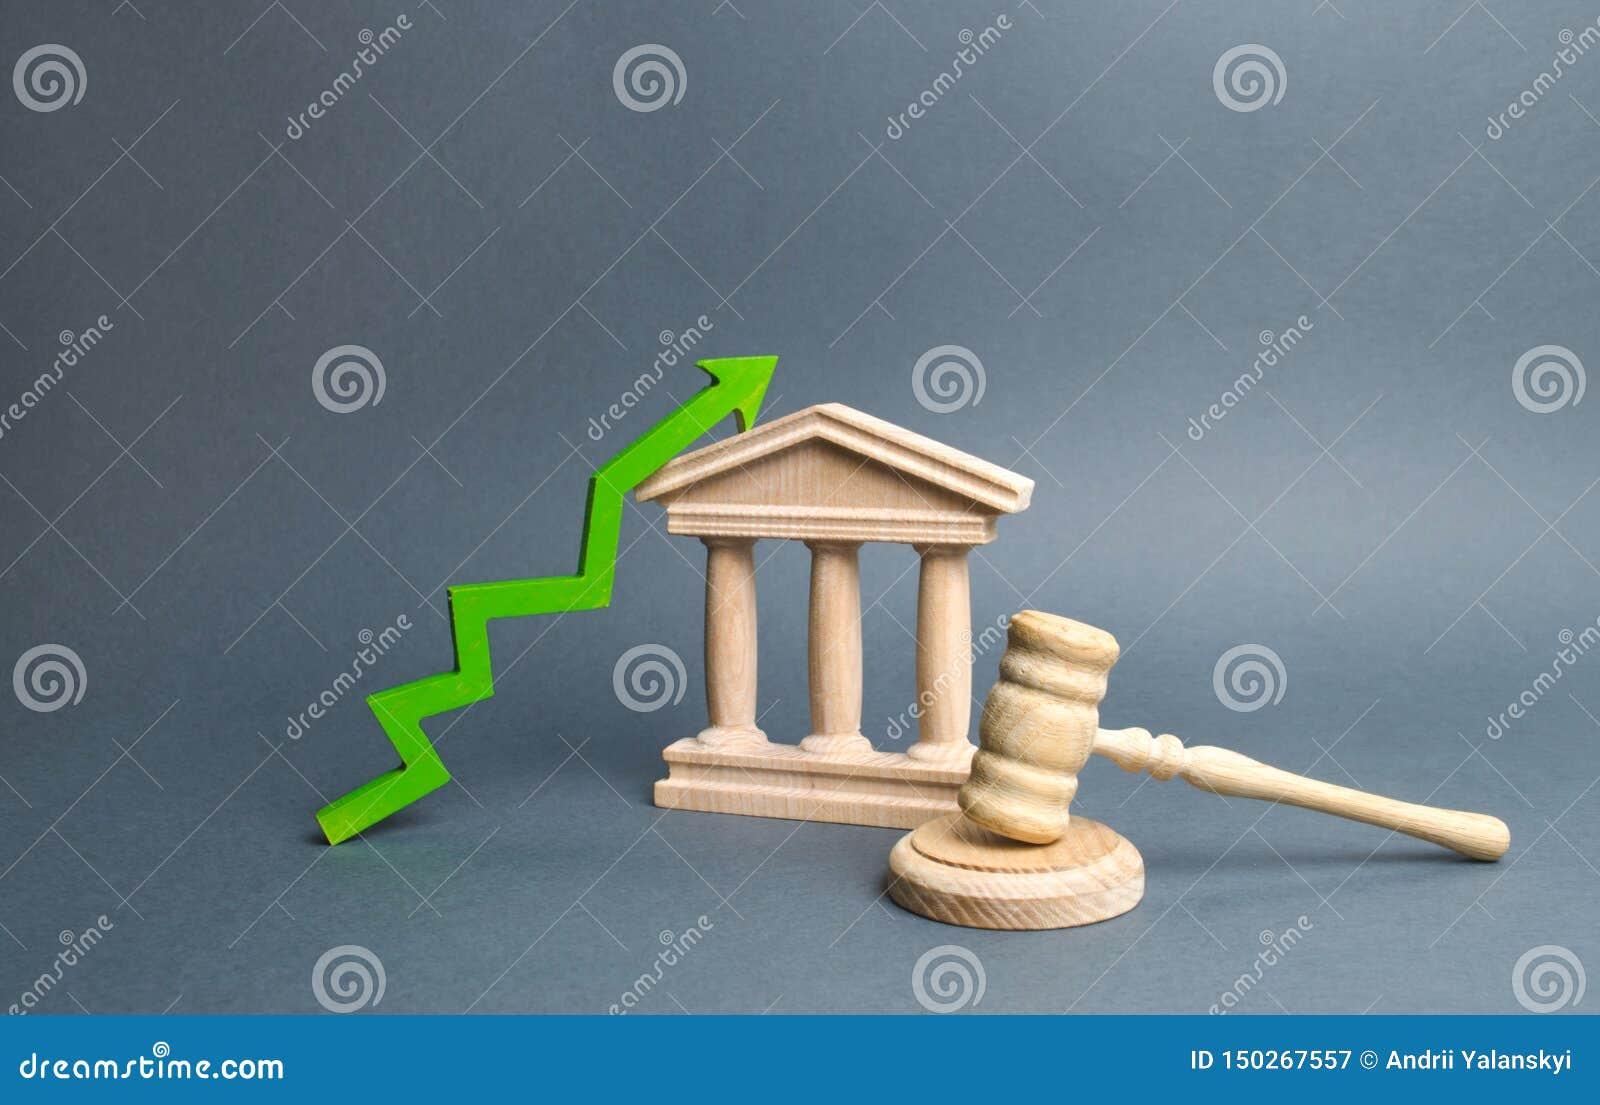 Tribunale e verde sulla freccia miglioramento dell efficienza del sistema giudiziario, della trasparenza e dell imparzialità Alto